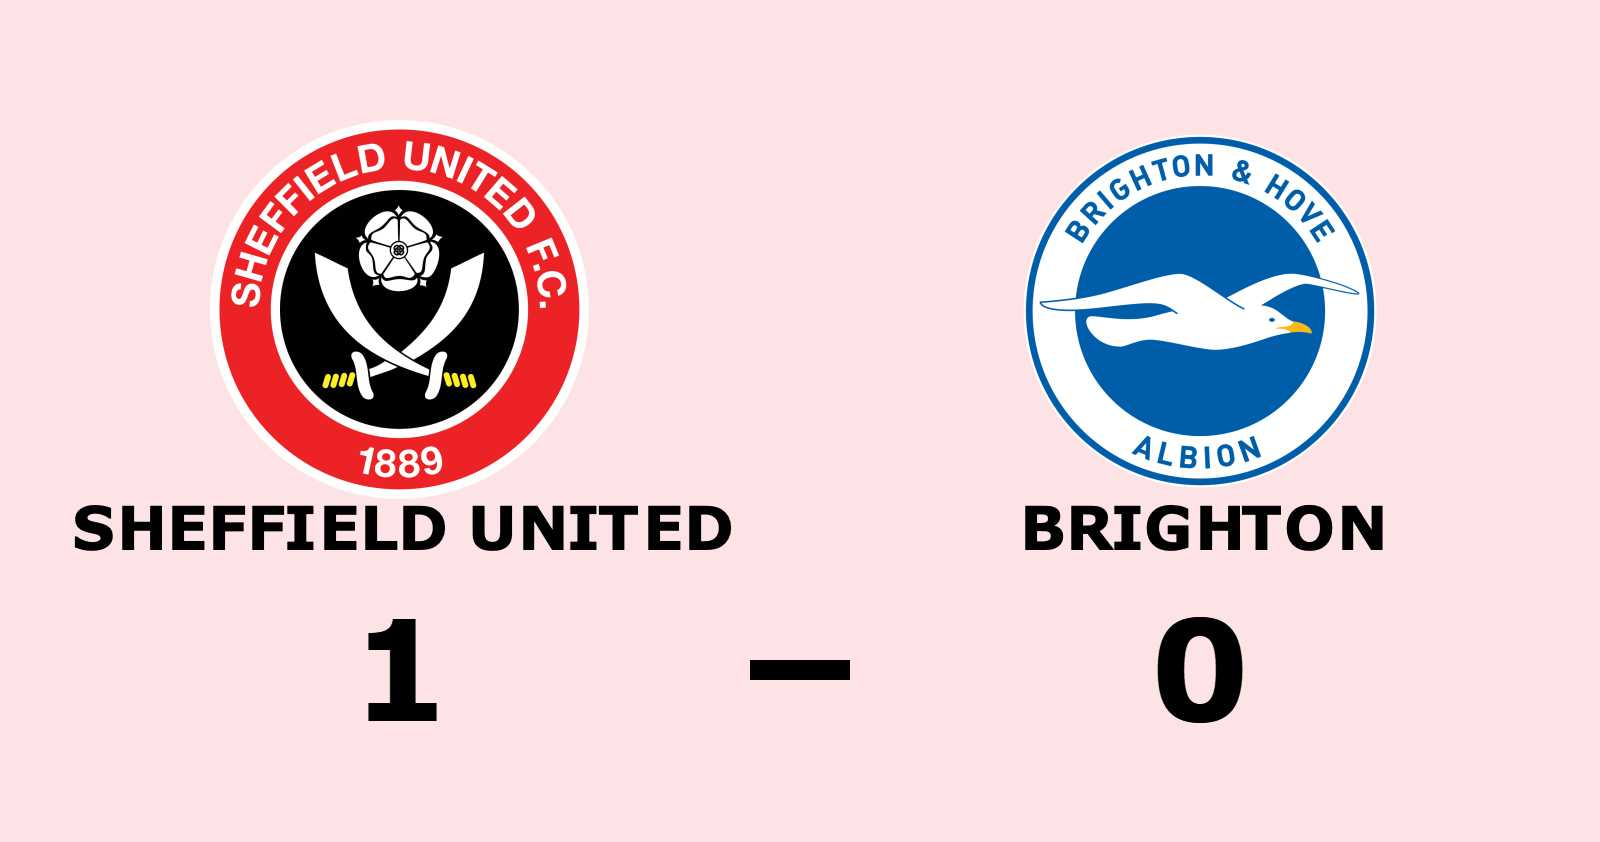 Efterlängtad seger för Sheffield United - bröt förlustsviten mot Brighton